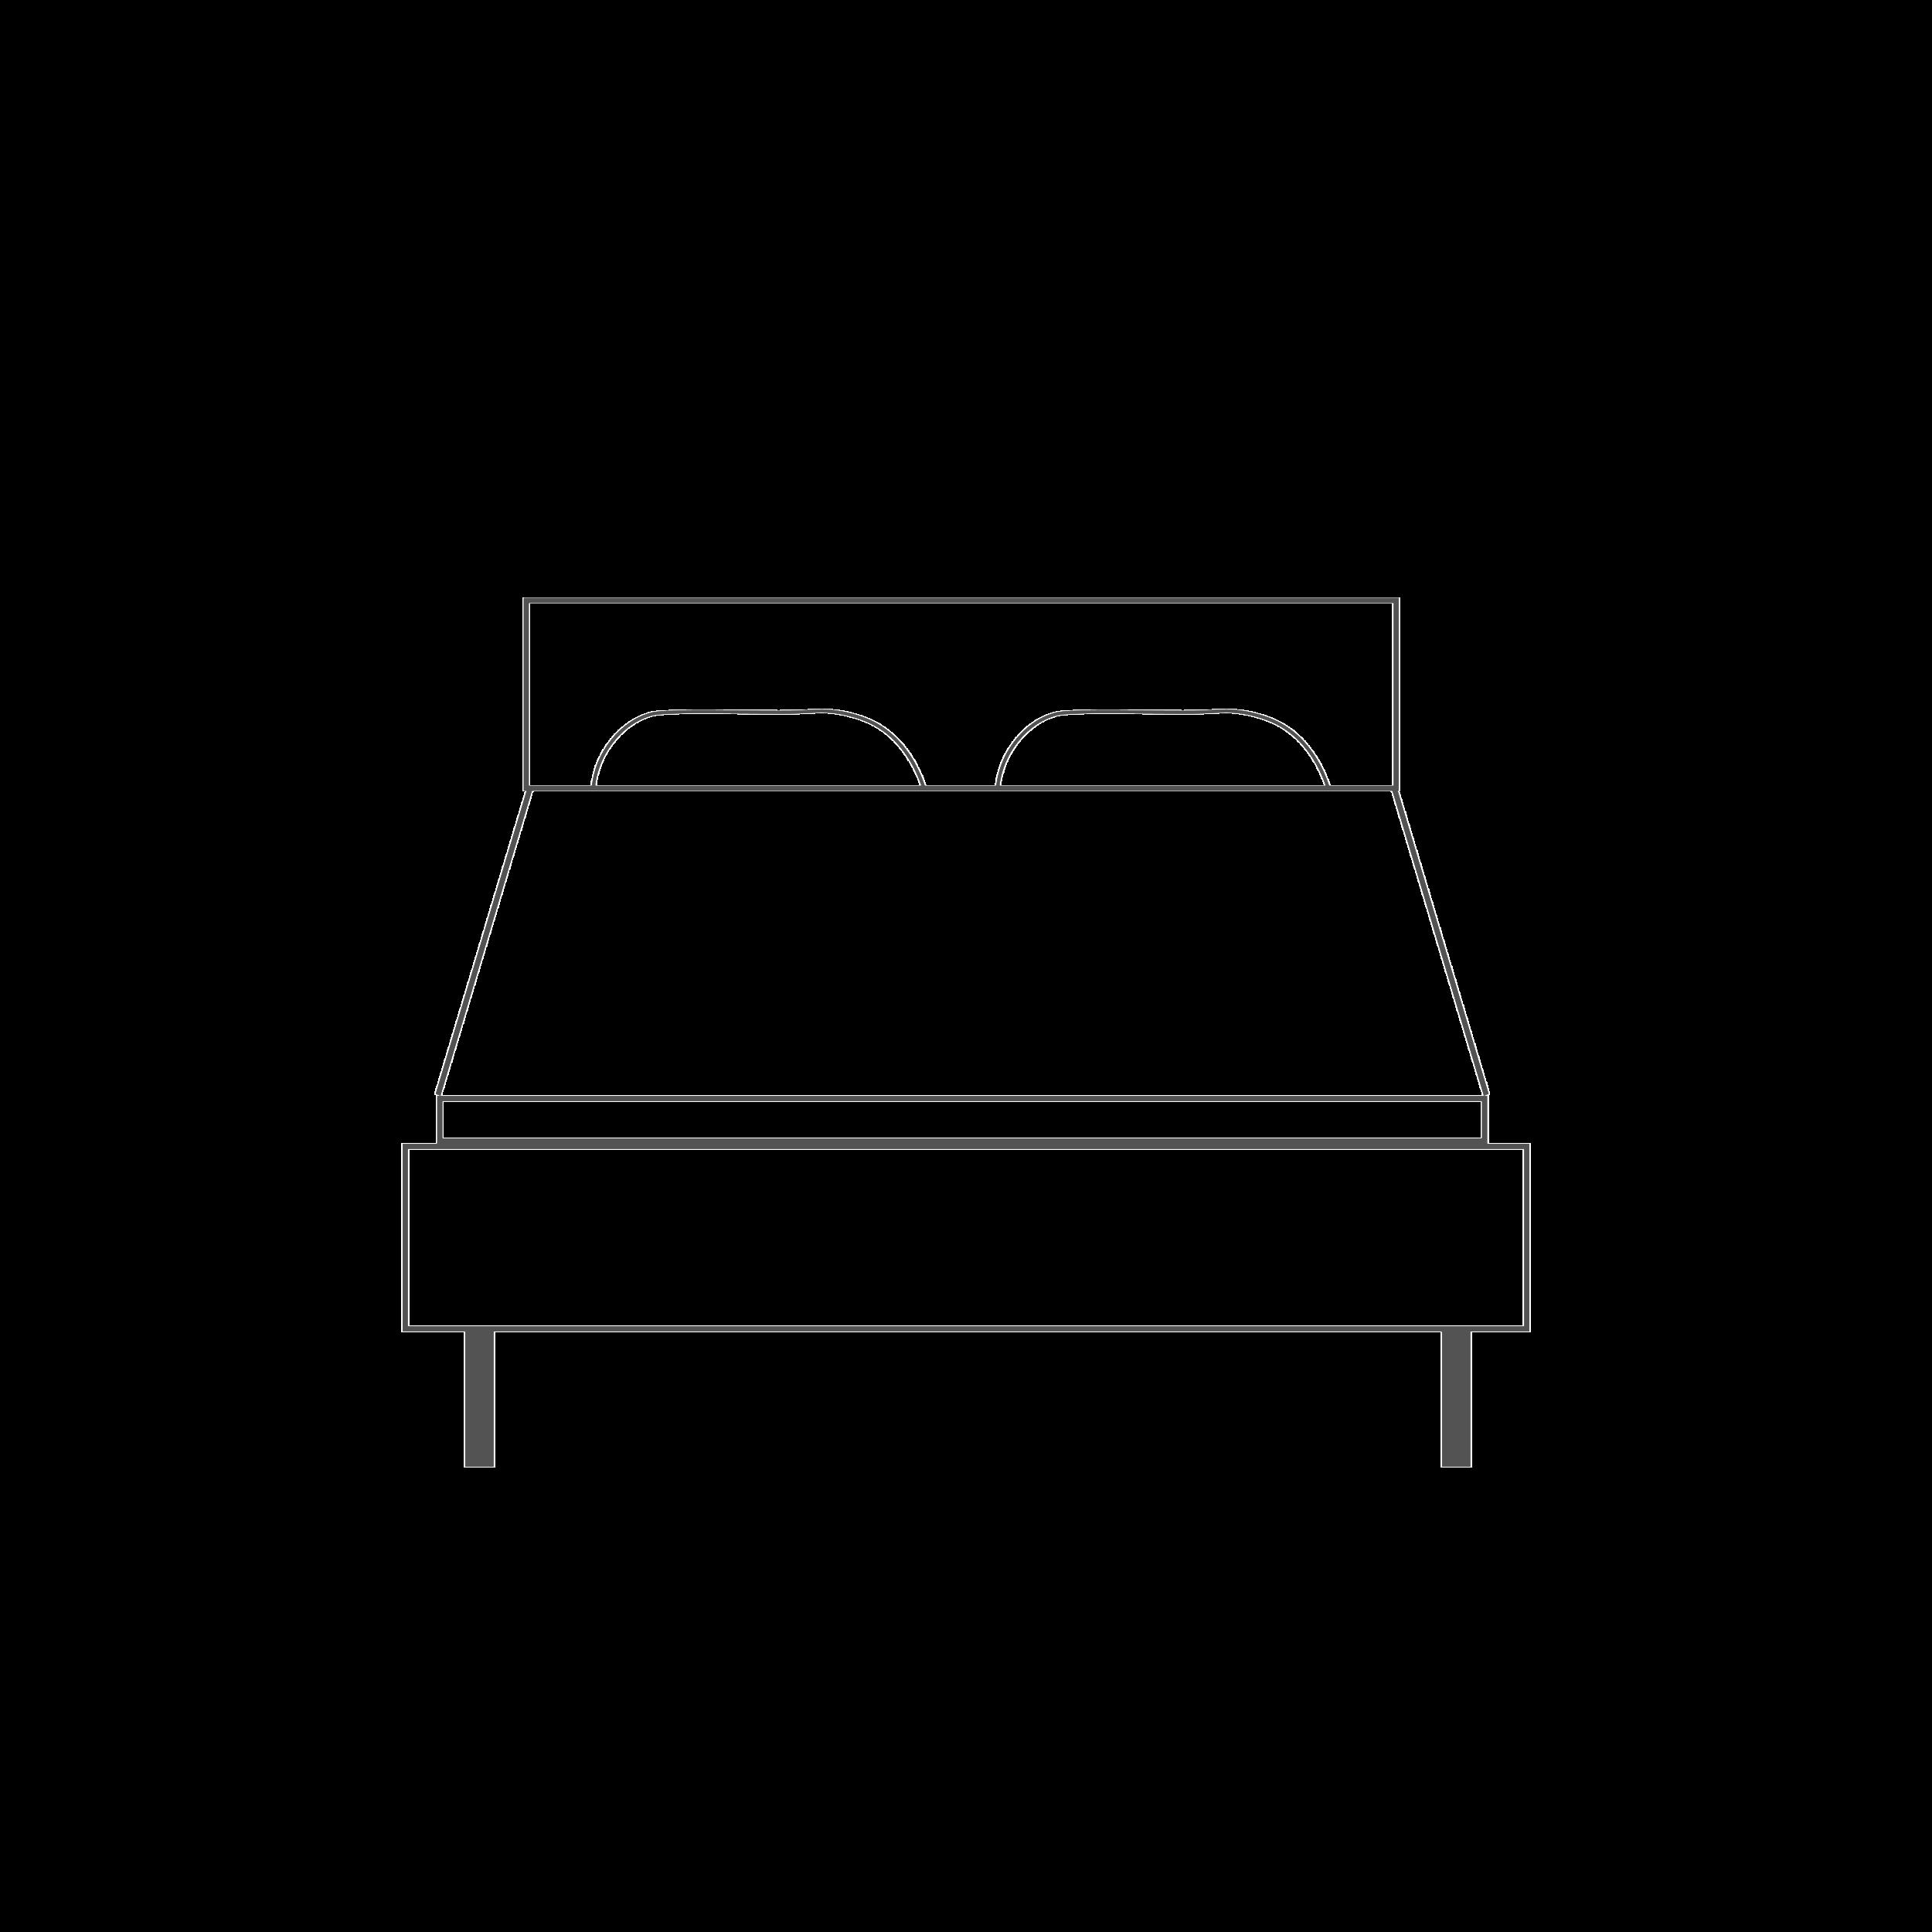 bed frame outline-01.png